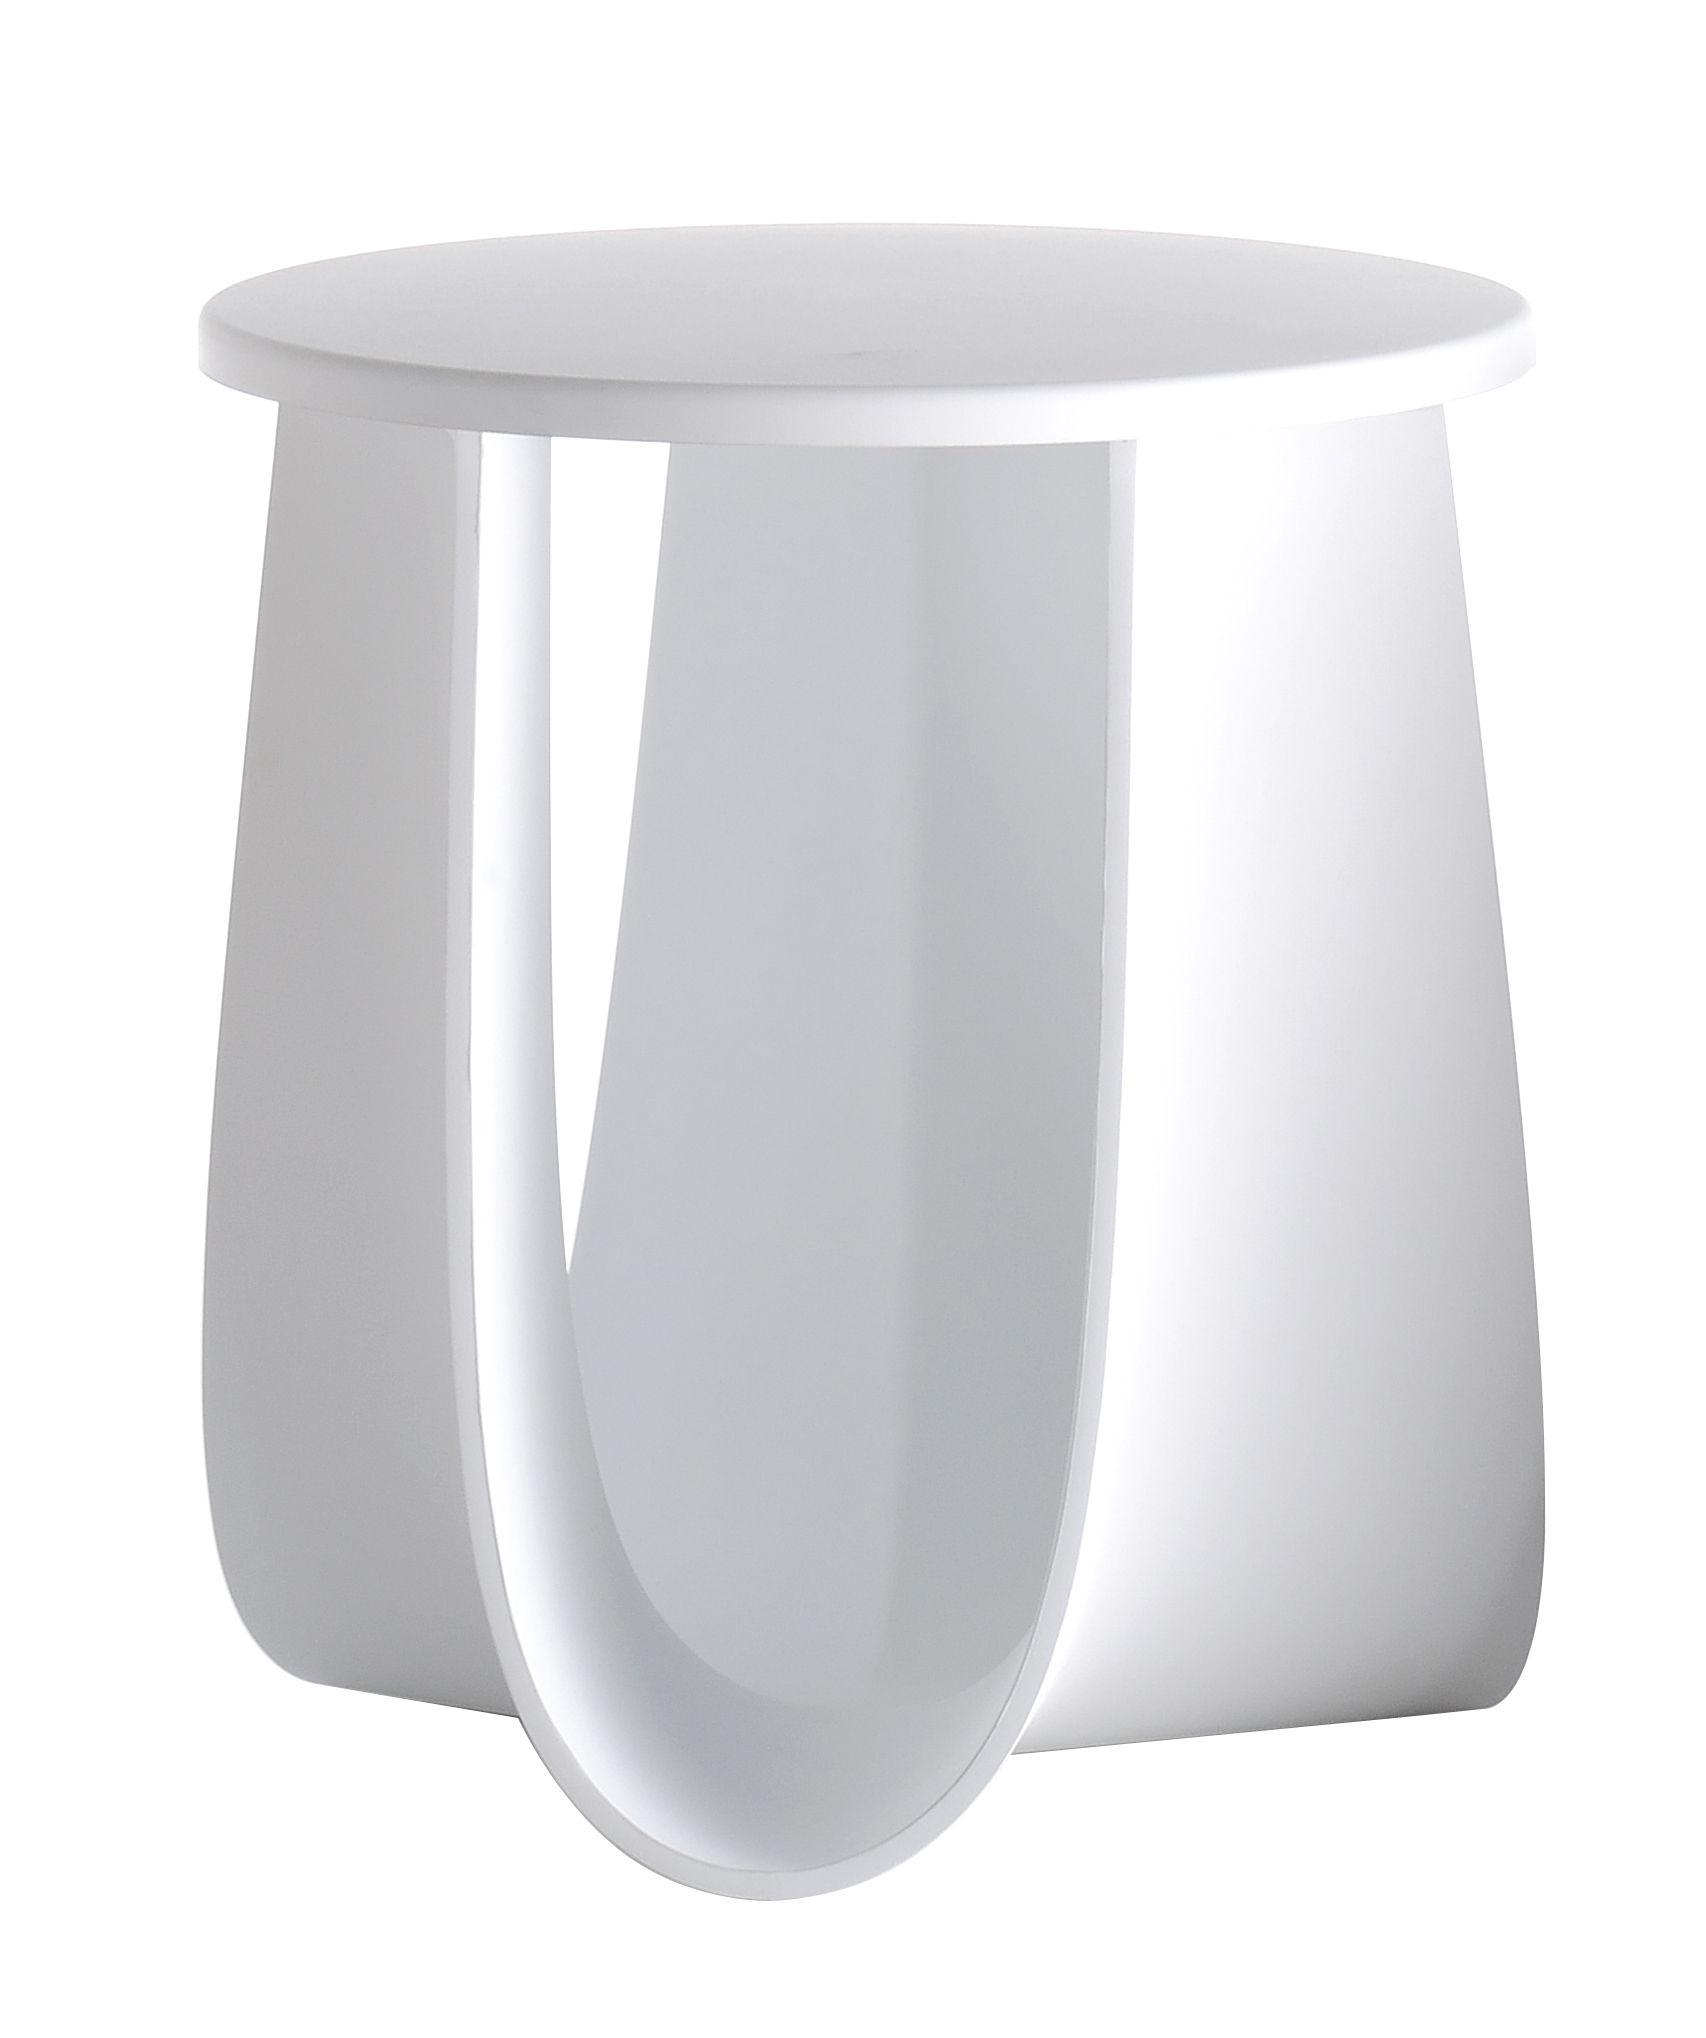 Arredamento - Tavolini  - Sgabello Sag / Tavolo H 44 cm - Seduta poliuretano - MDF Italia - Bianco - Poliuretano